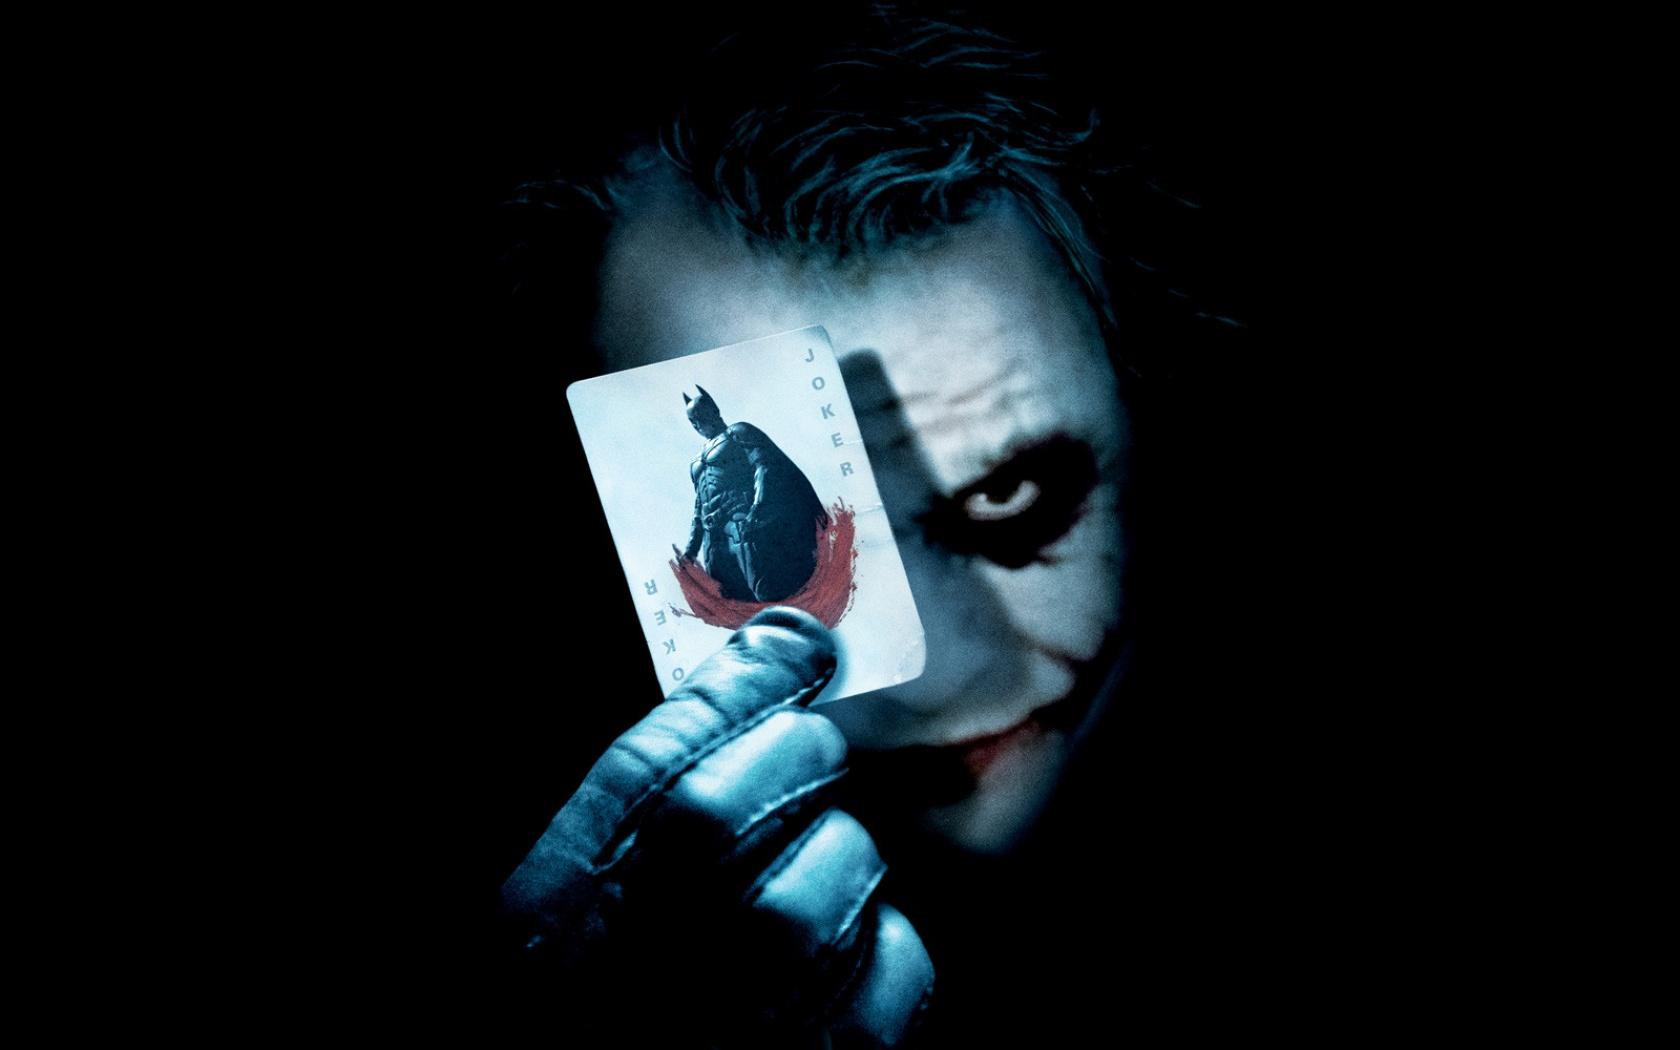 蝙蝠侠2小丑_求蝙蝠侠2黑暗骑士里面的小丑 1680 1050壁纸_百度知道